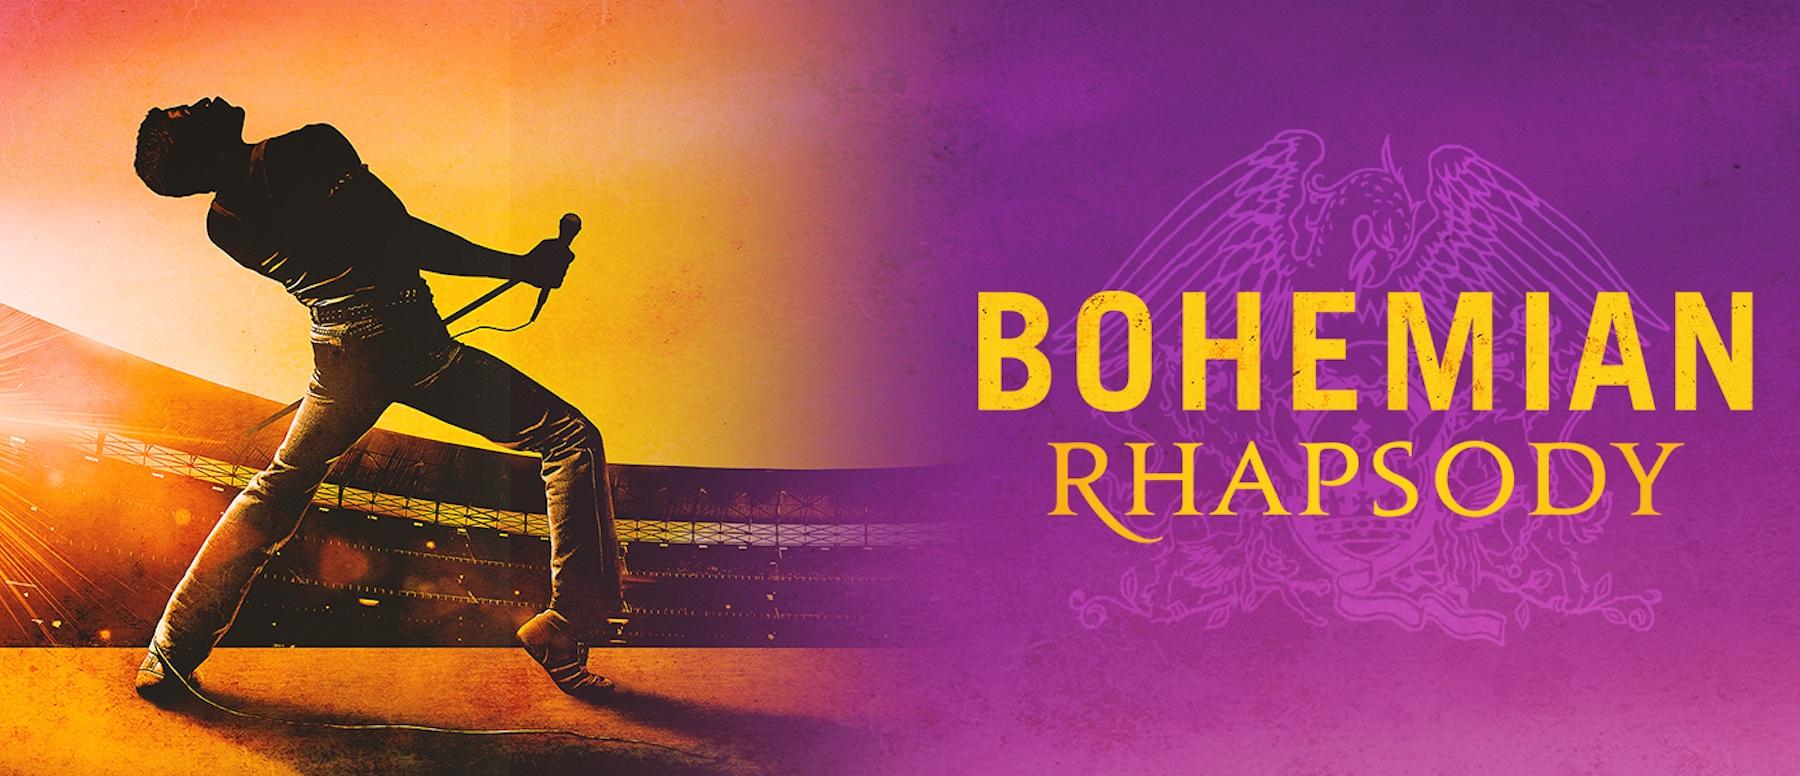 cartel de la pelicula Bohemian Rhapsody